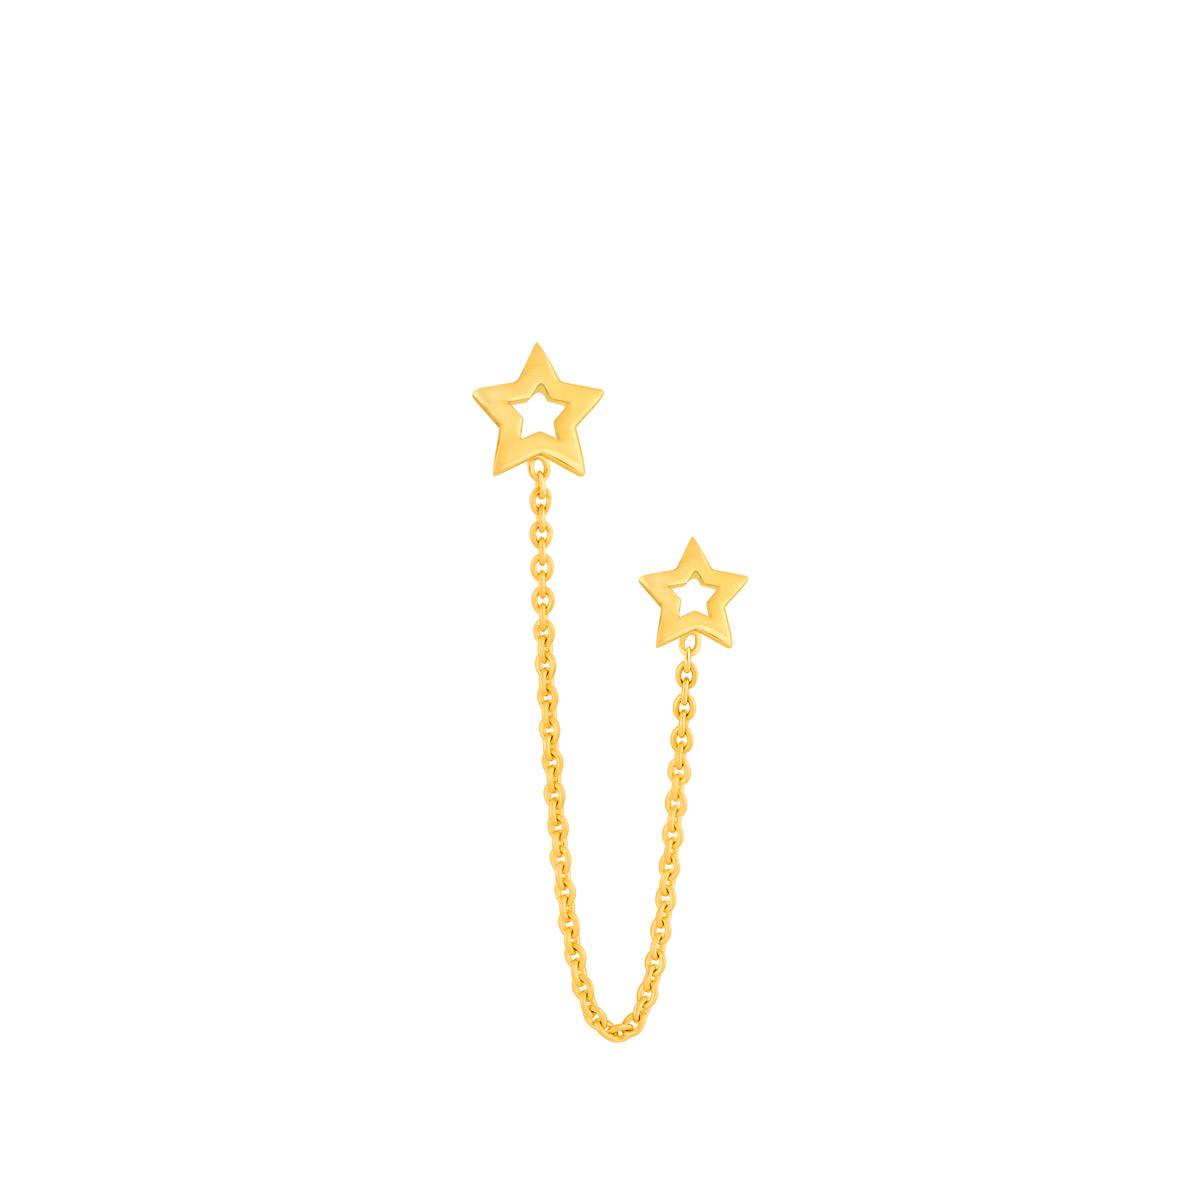 گوشواره طلا تک لنگه ای زنجیر و دو ستاره